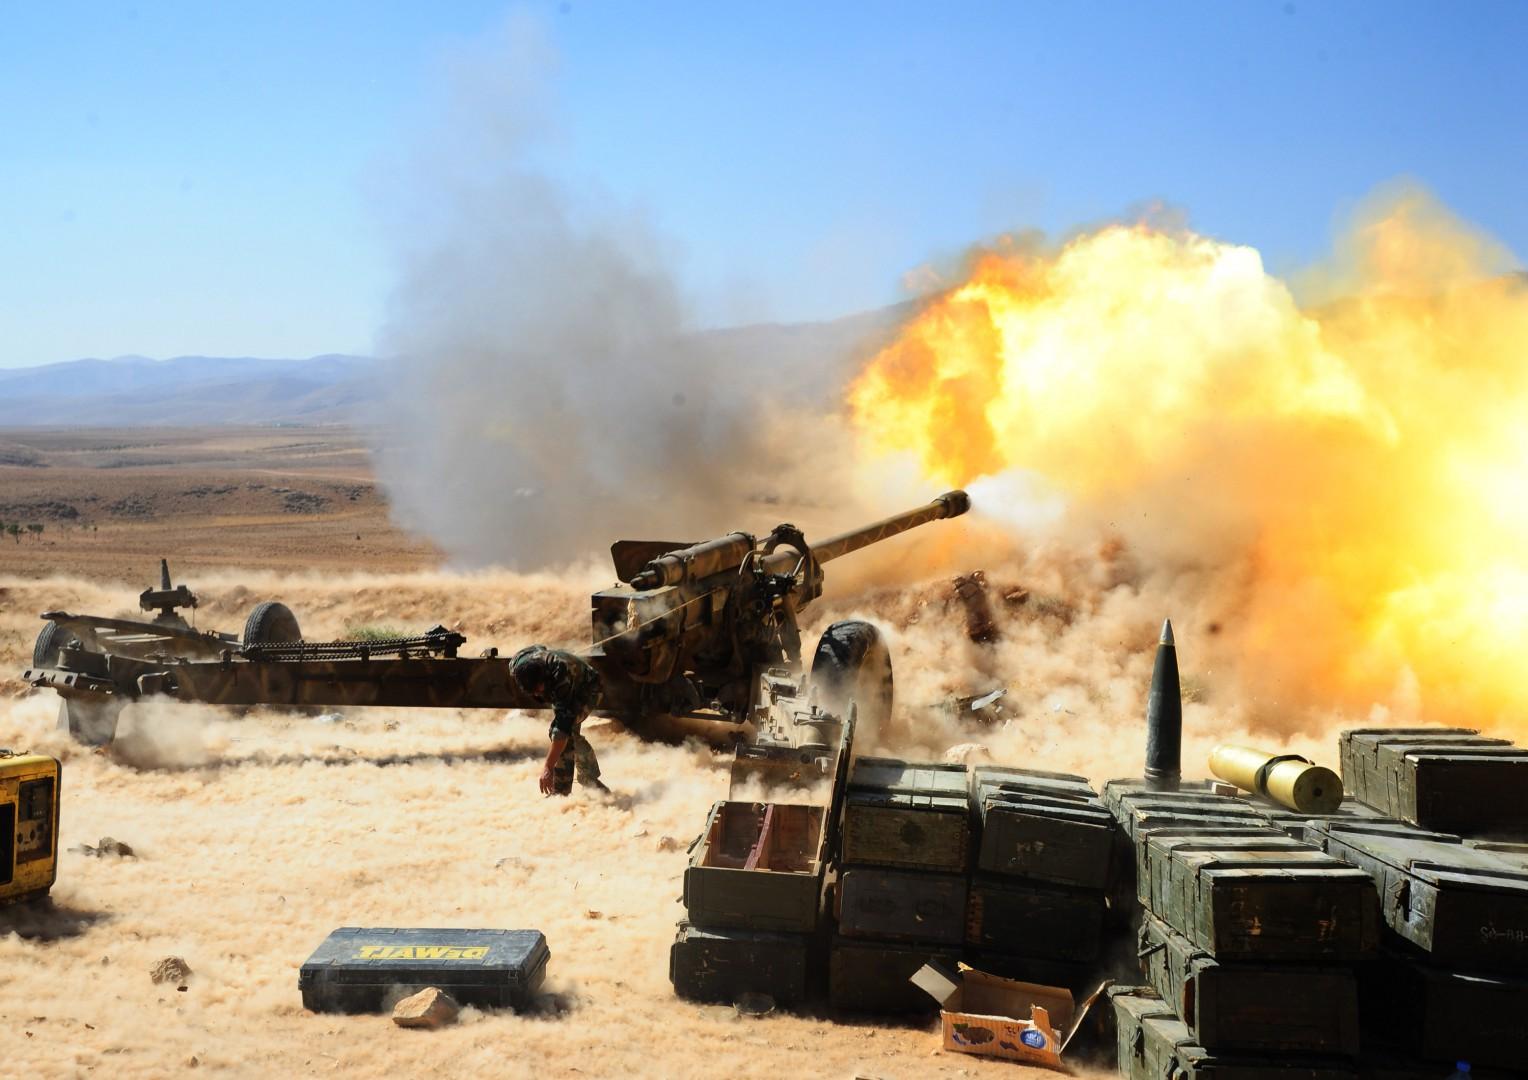 L'artiglieria di Hezbollah nella regione di Qalamoun in Siria (LaPresse)